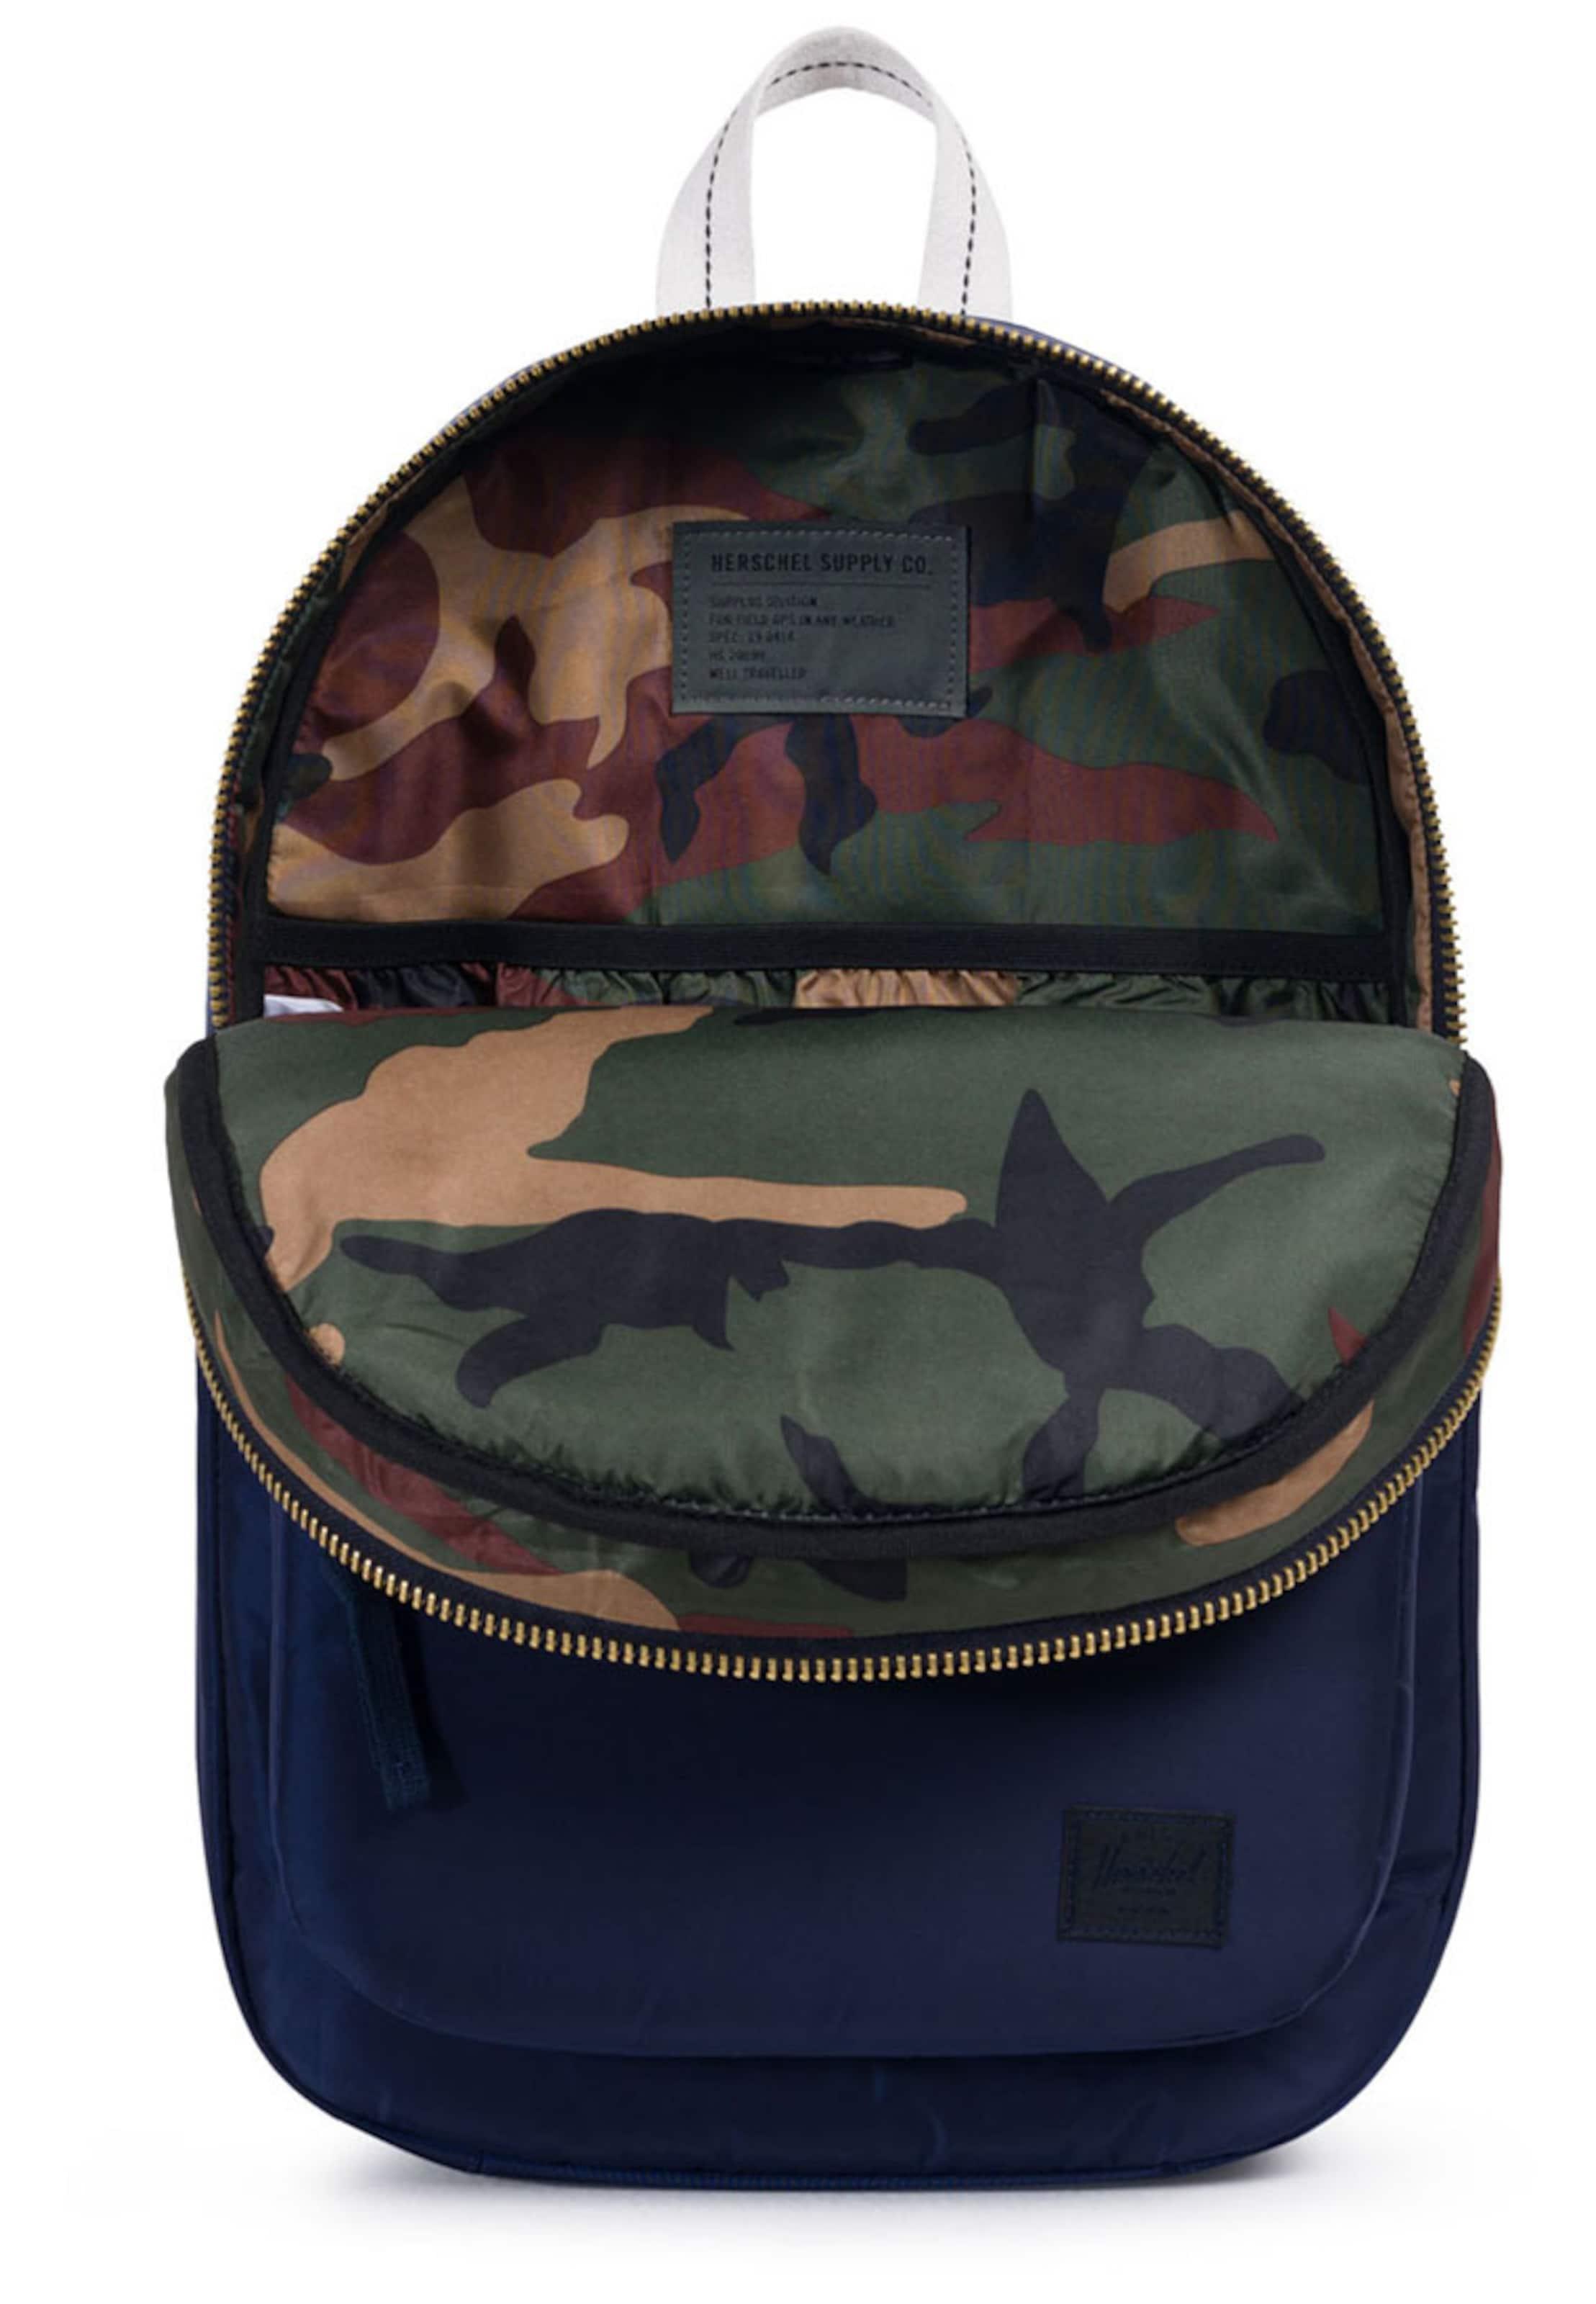 Genießen Sie Online Herschel Lawson Surplus Rucksack Rabatt Manchester Billig Verkauf Offizielle Seite Mode Zum Verkauf eJlQocq7